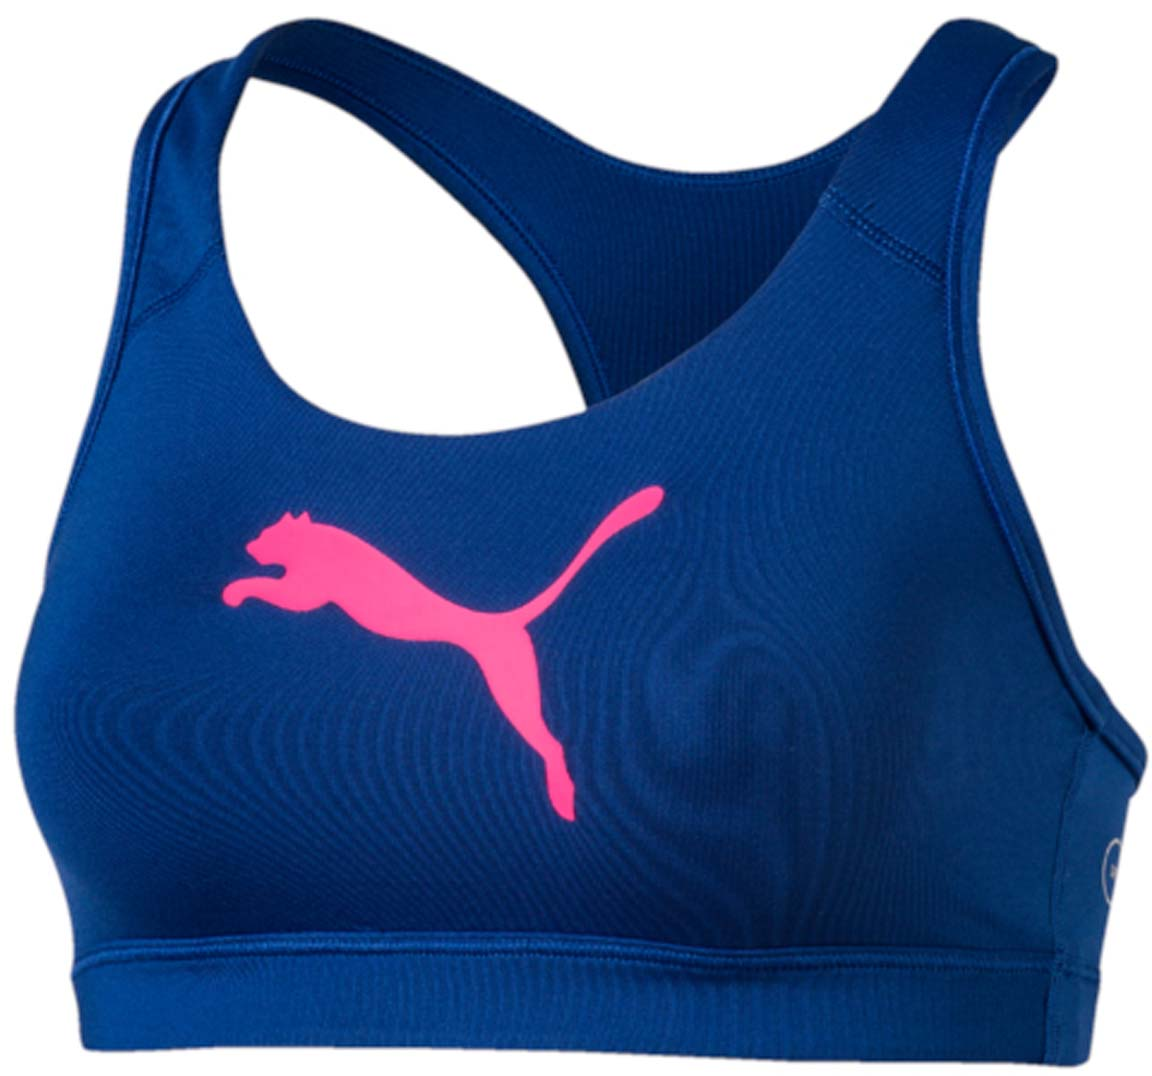 Топ-бра для фитнеса Puma PWRSHAPE Forever, цвет: синий, розовый. 513965_28. Размер S (44)513965_28Этот спортивный бюстгальтер-топ станет вашей любимой моделью, потому что он - незаменимая часть вашего гардероба для занятий спортом и активного отдыха! Отличный дизайн обеспечивает универсальность, поэтому бюстгальтер можно надевать в тренажерный зал, на занятие всеми видами фитнеса, на пробежку. Дополнительные удобства создаются за счет использования высокофункциональной технологии dryCELL, которая отводит влагу, поддерживает тело сухим и гарантирует комфорт во время активных тренировок и занятий спортом. Наплечные лямки с мягкой подложкой, не перекрещивающиеся на спине, не натирают, не давят, а также обеспечивают полную свободу движений и удобство надевания изделия благодаря функциональному крою спины. Отделка низа сверхэластичным плотным материалом создает дополнительную поддержку. Бюстгальтер декорирован спереди логотипом PUMA из светоотражающего материала, нанесенным методом термопечати, благодаря которому вас лучше видно в темное время суток. На нижний край изделия методом термопечати нанесен логотип dryCELL. Модель подходит для всех видов физической активности.